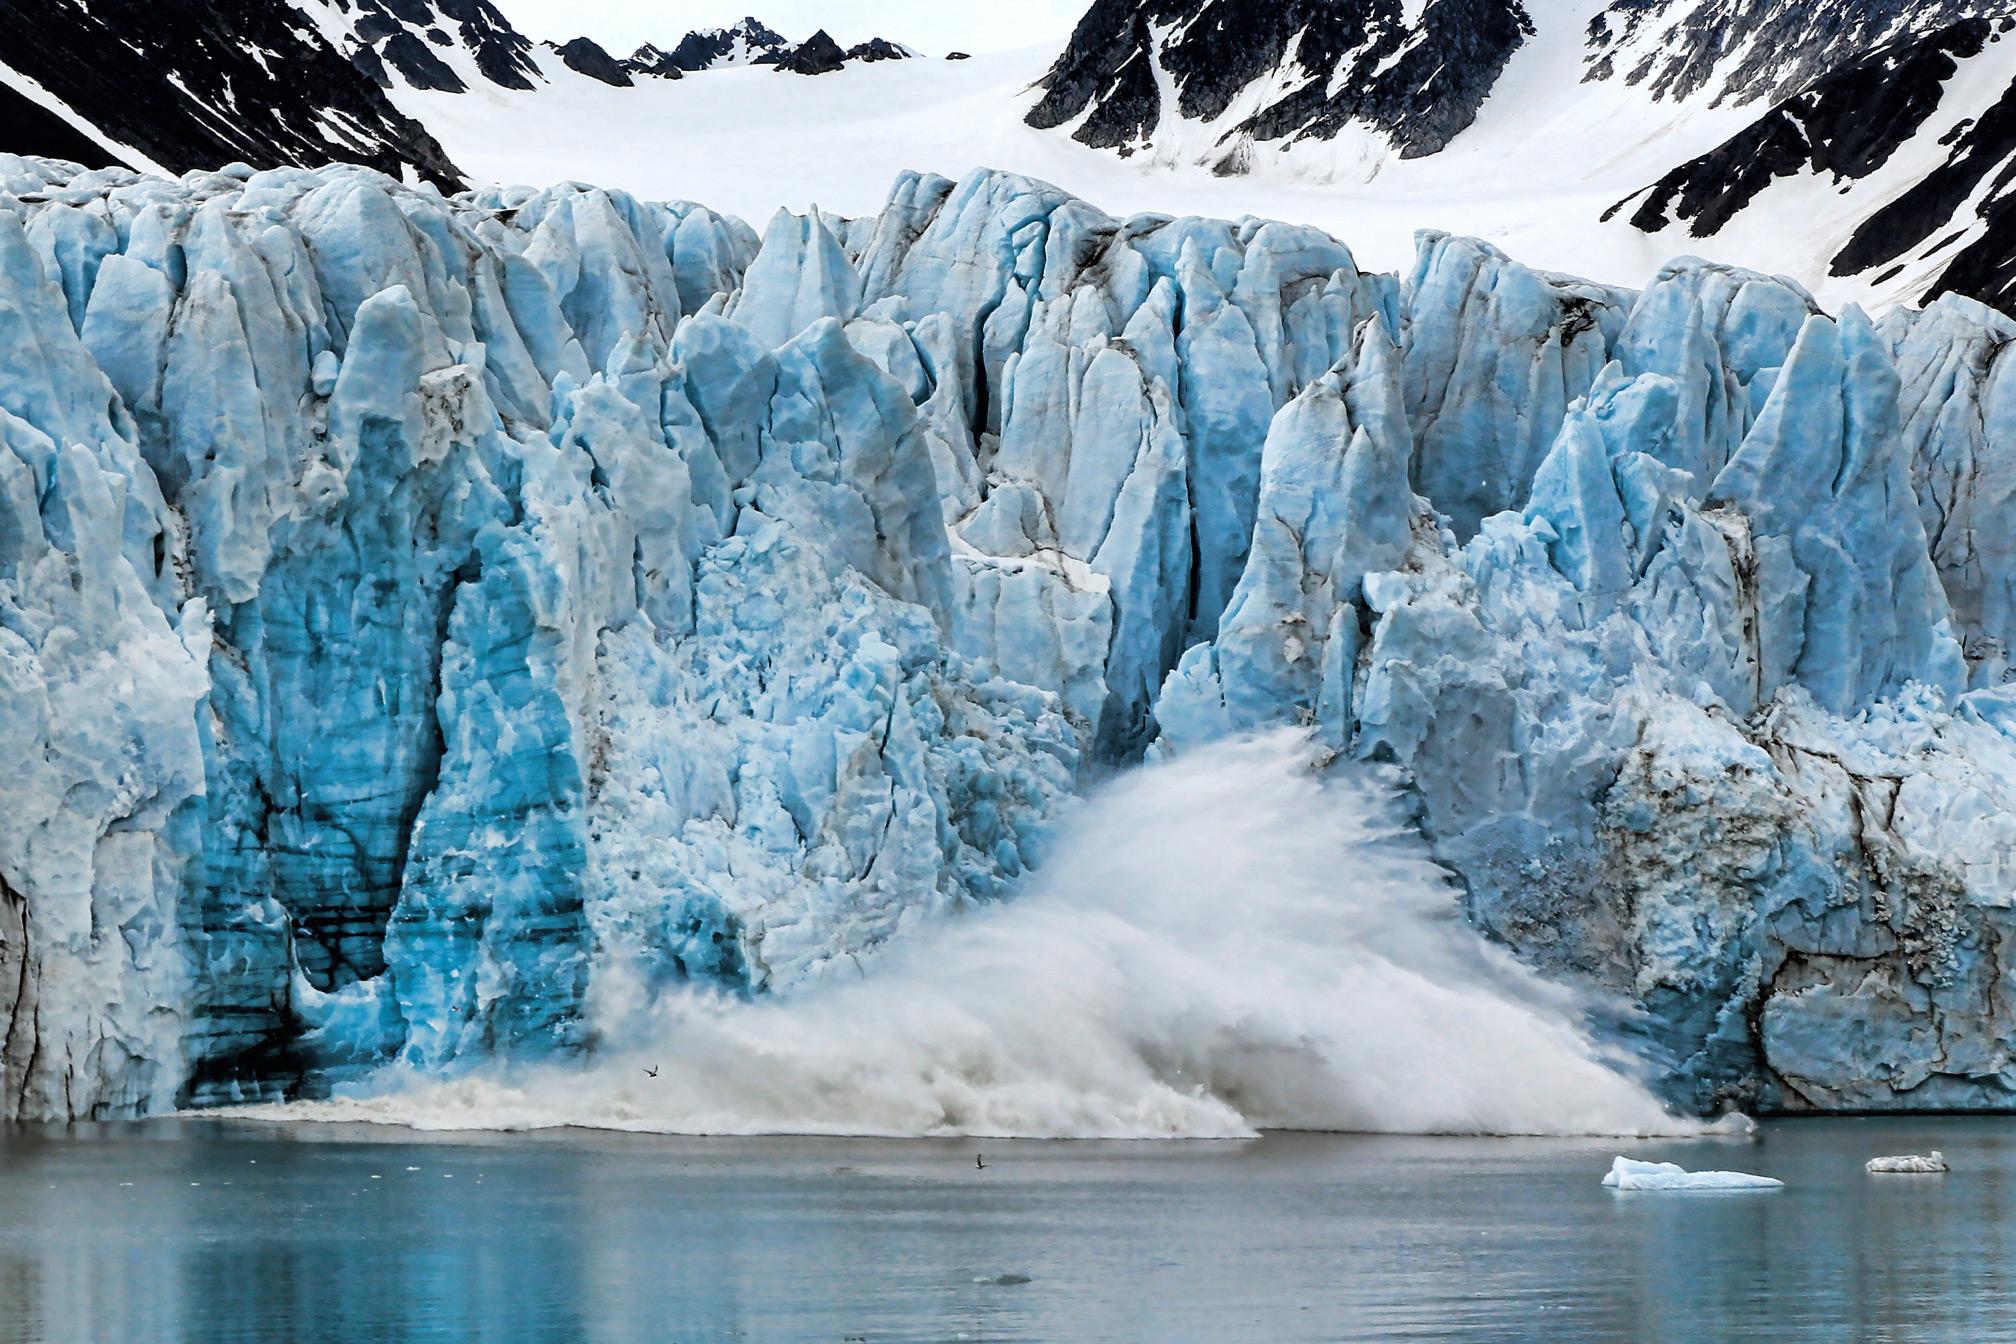 lilliehookbreen-glacier-calving.jpg